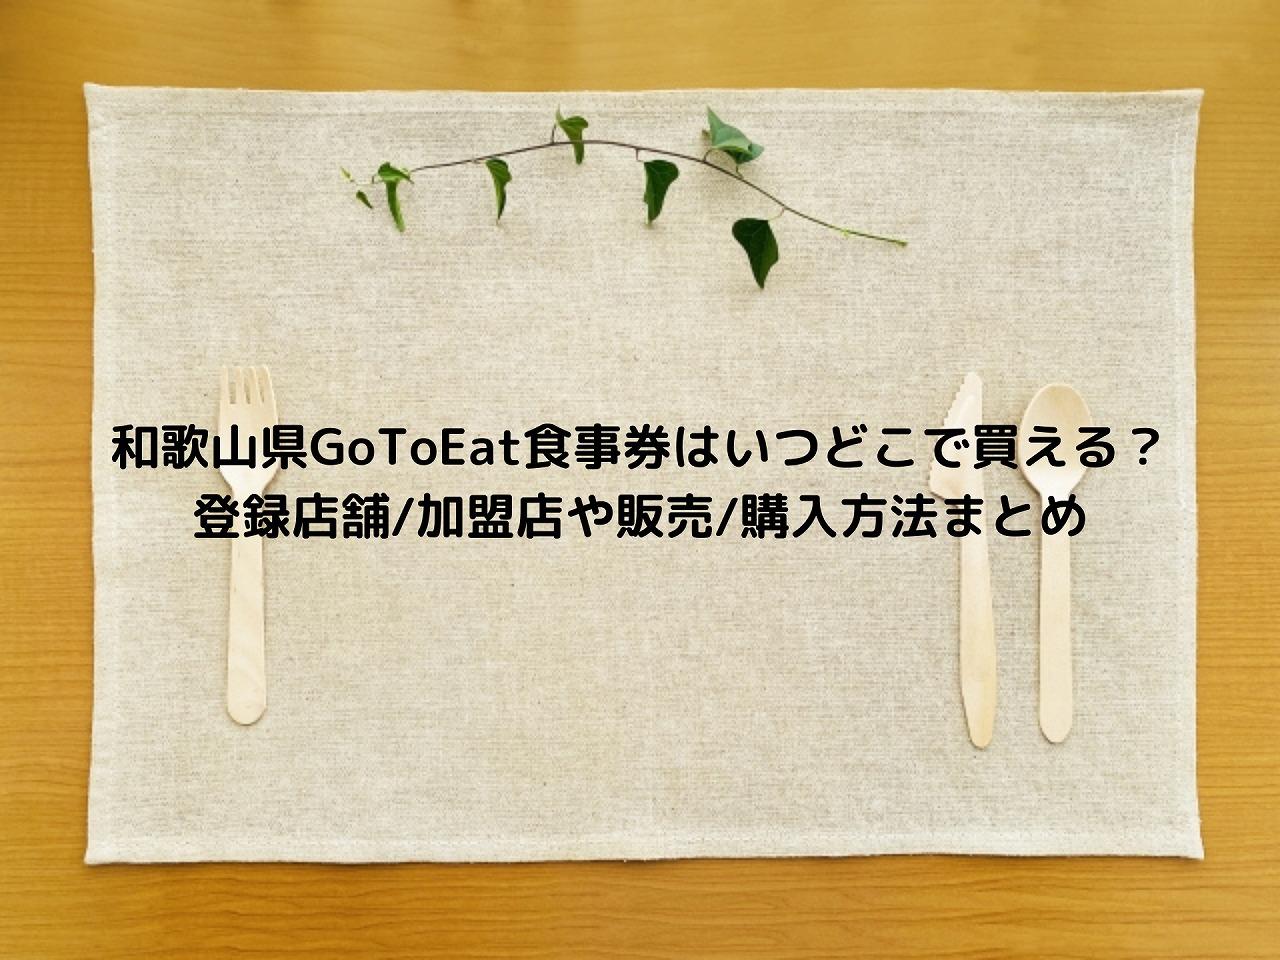 和歌山 ゴートゥー イート わかやまGo To